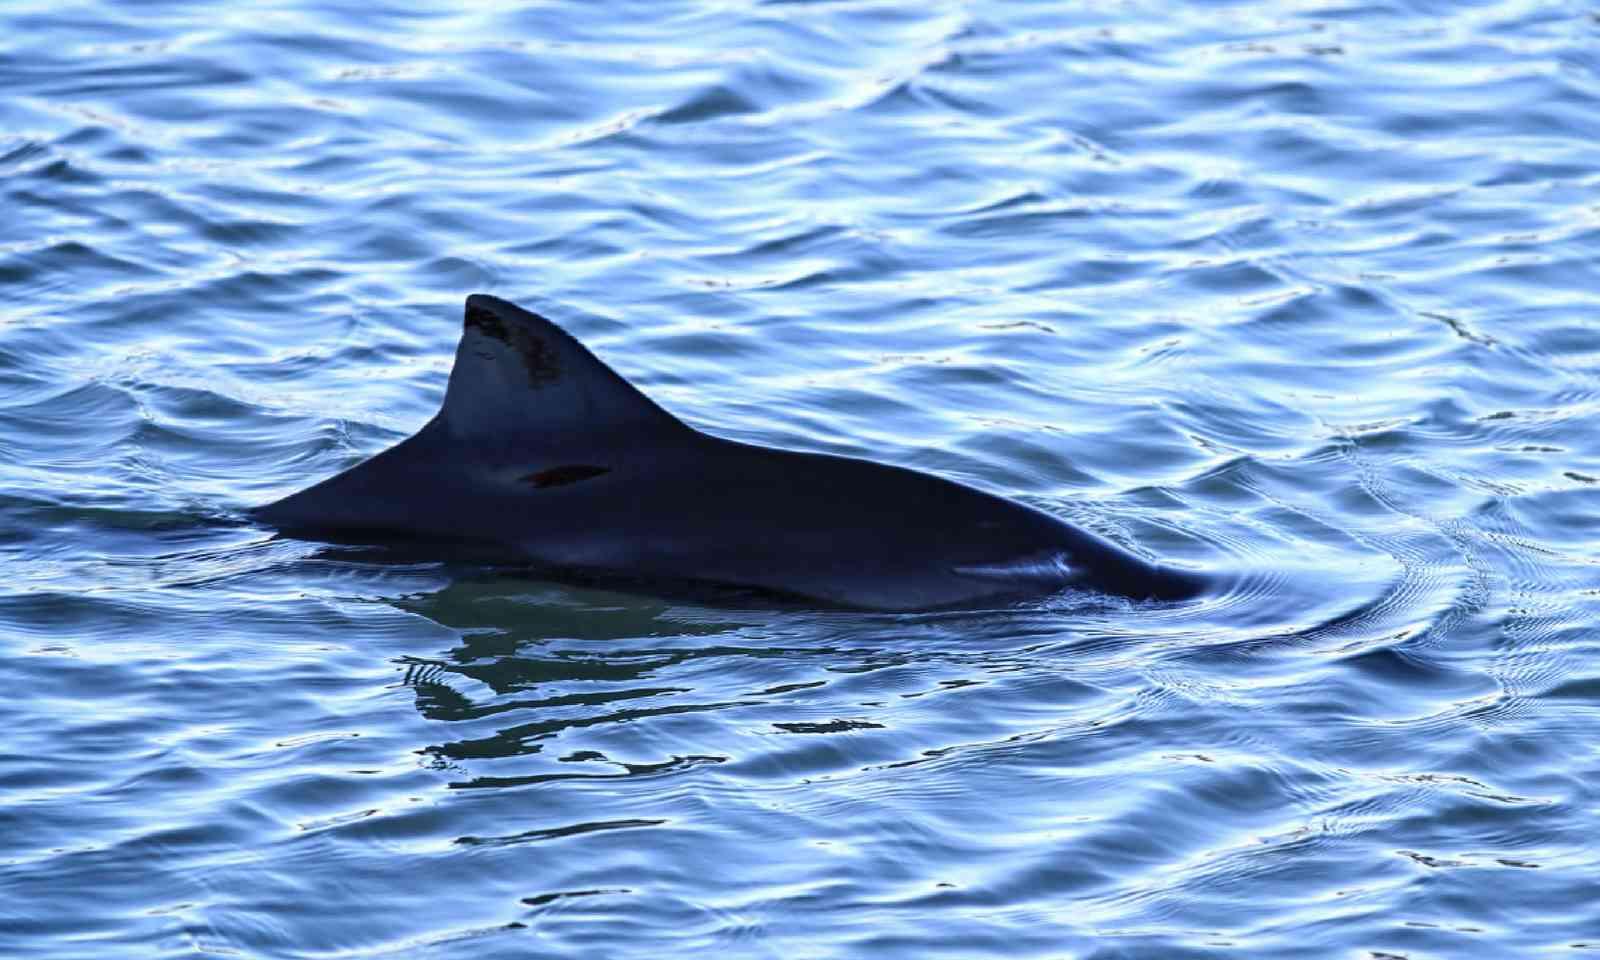 Harbour porpoise in Scotland (Shutterstock)